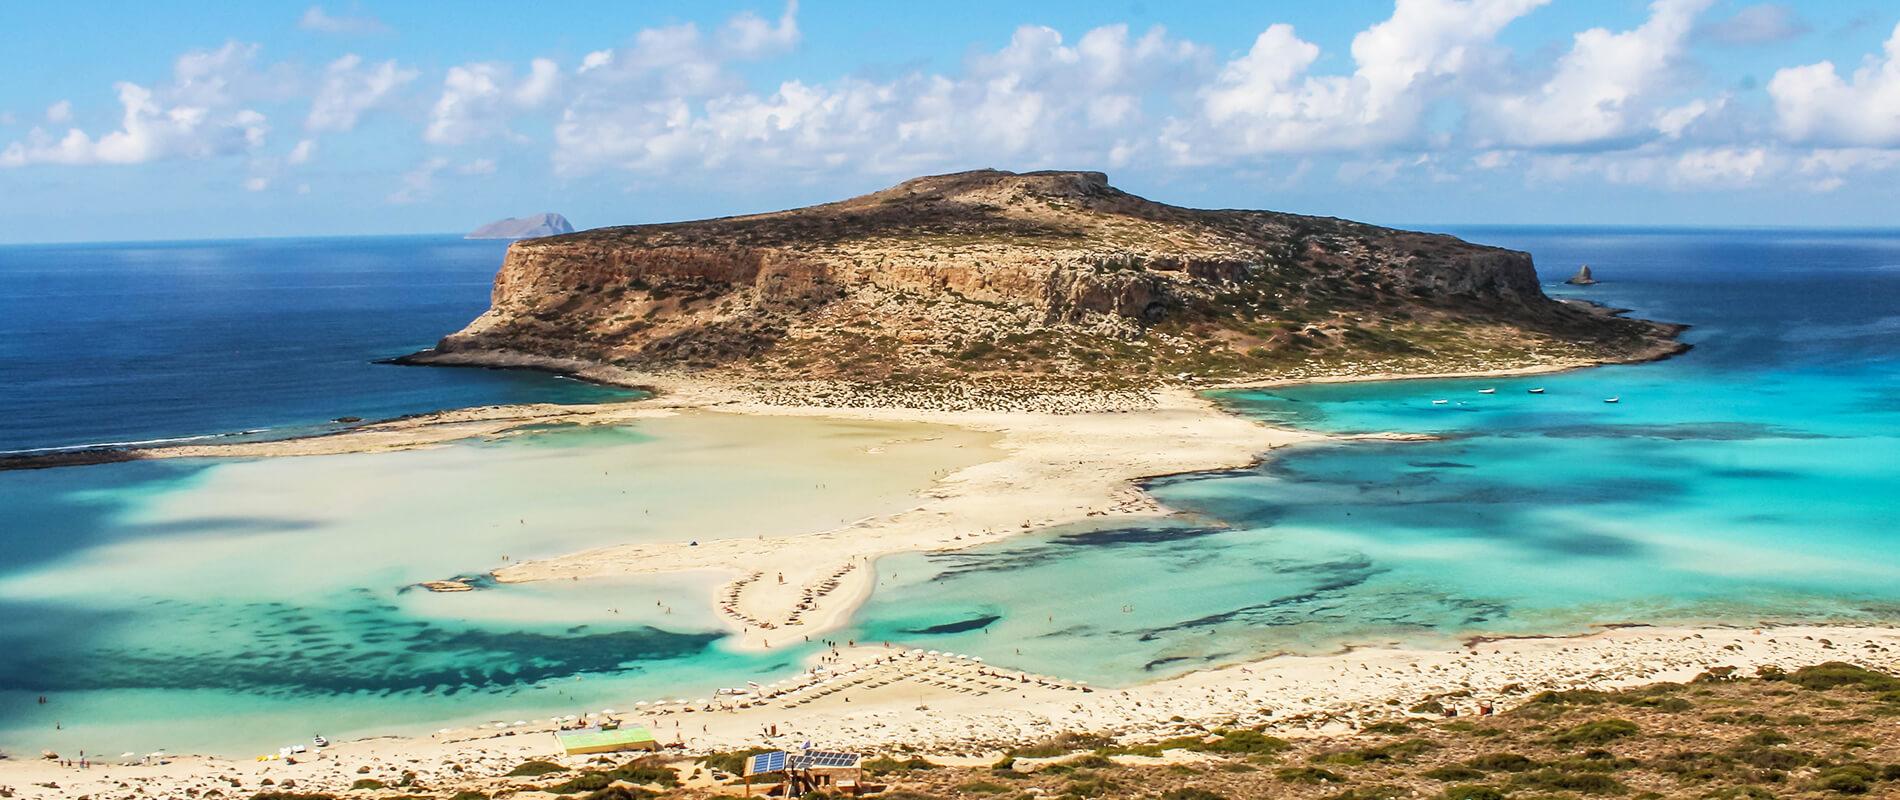 La Laguna di Balos, bellezza incontrastata dell'isola di Creta